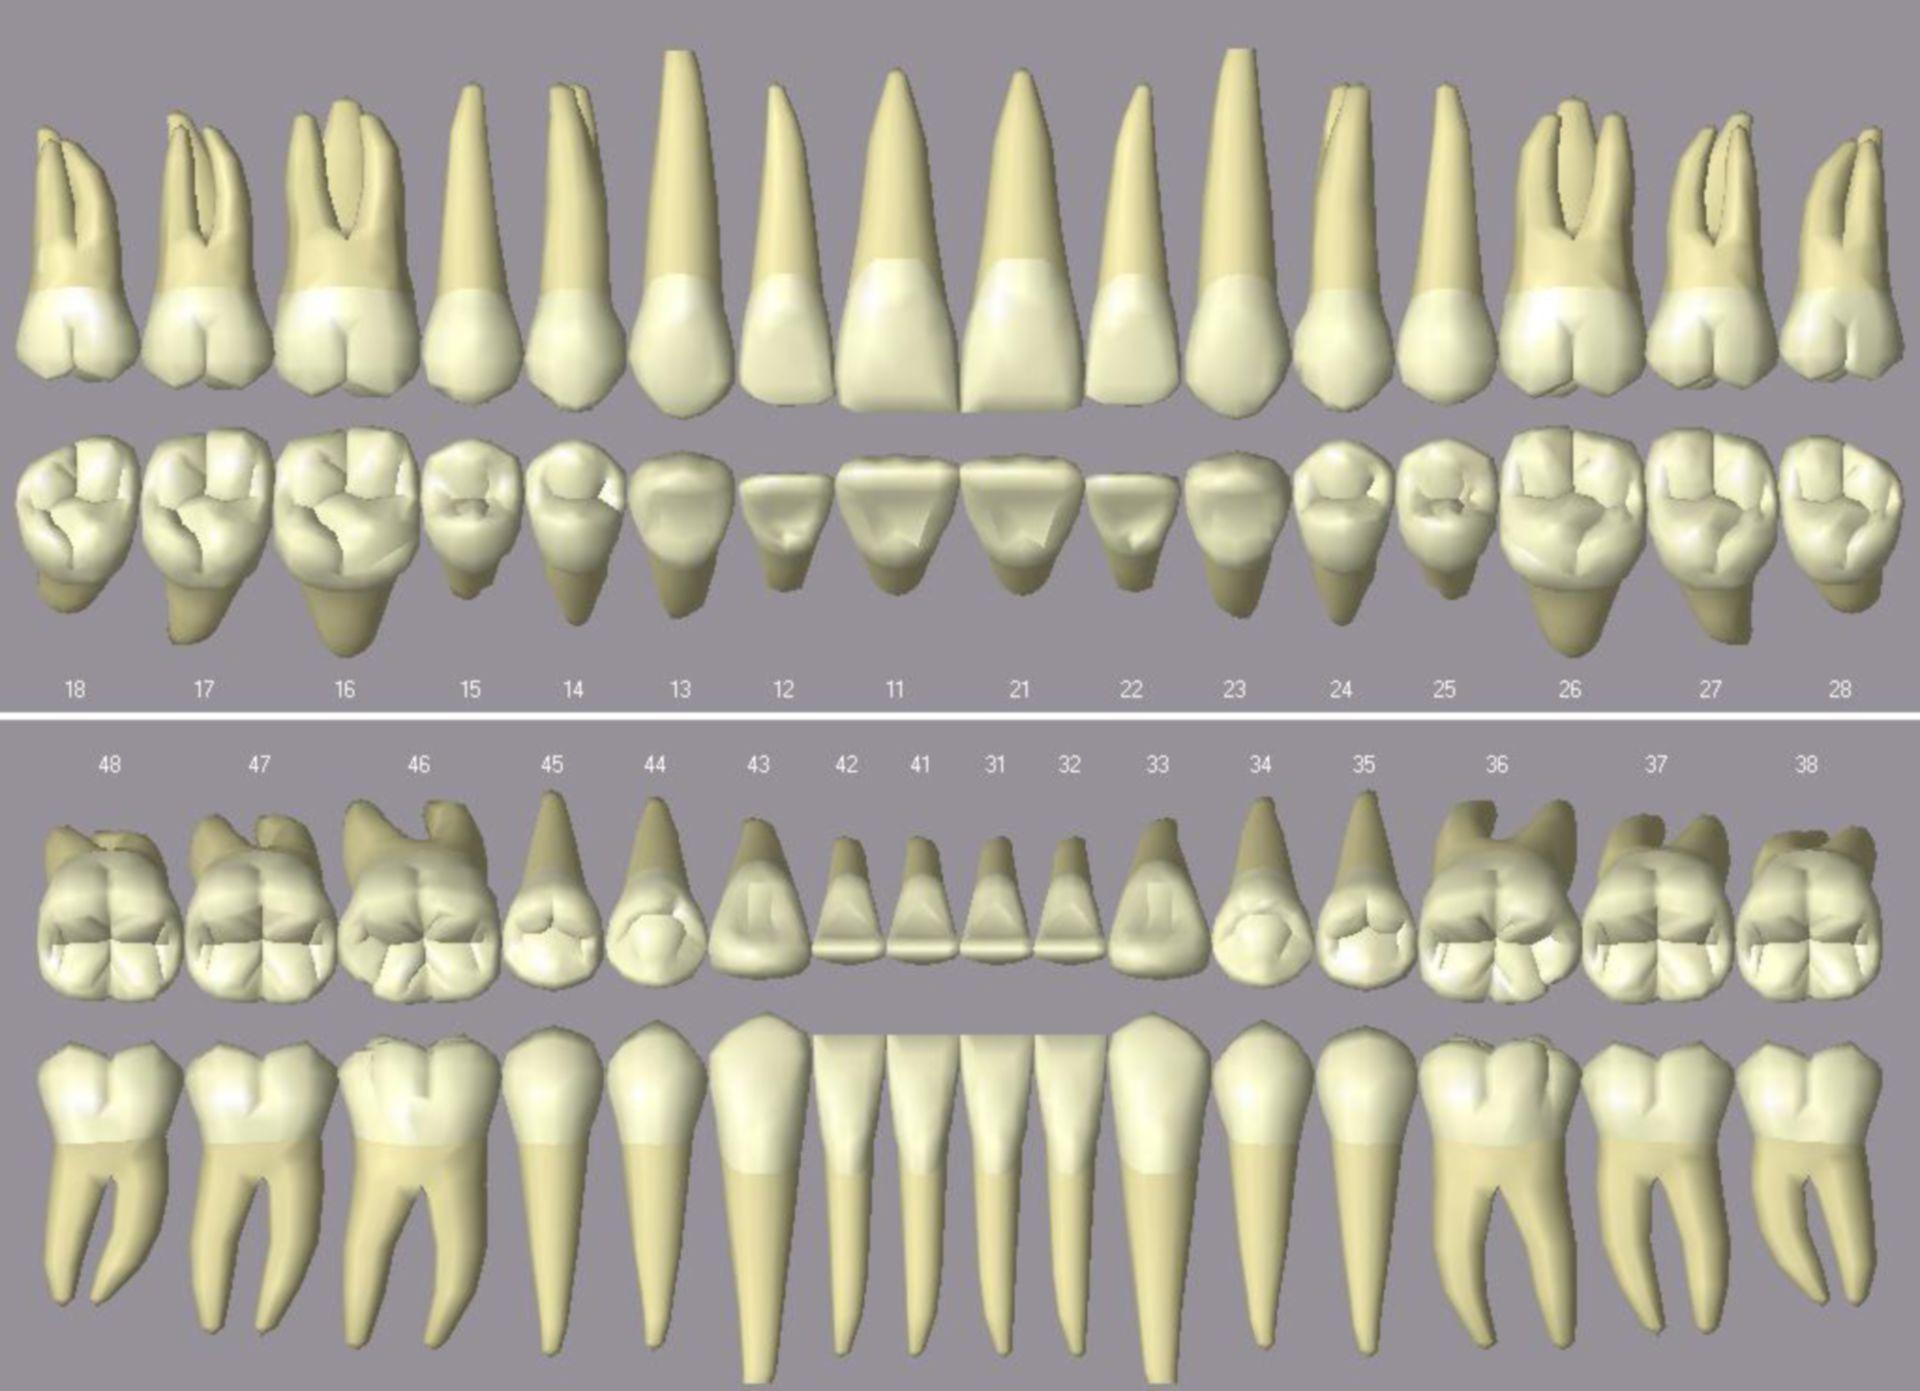 Denti umani (ricostruzione computerizzata)